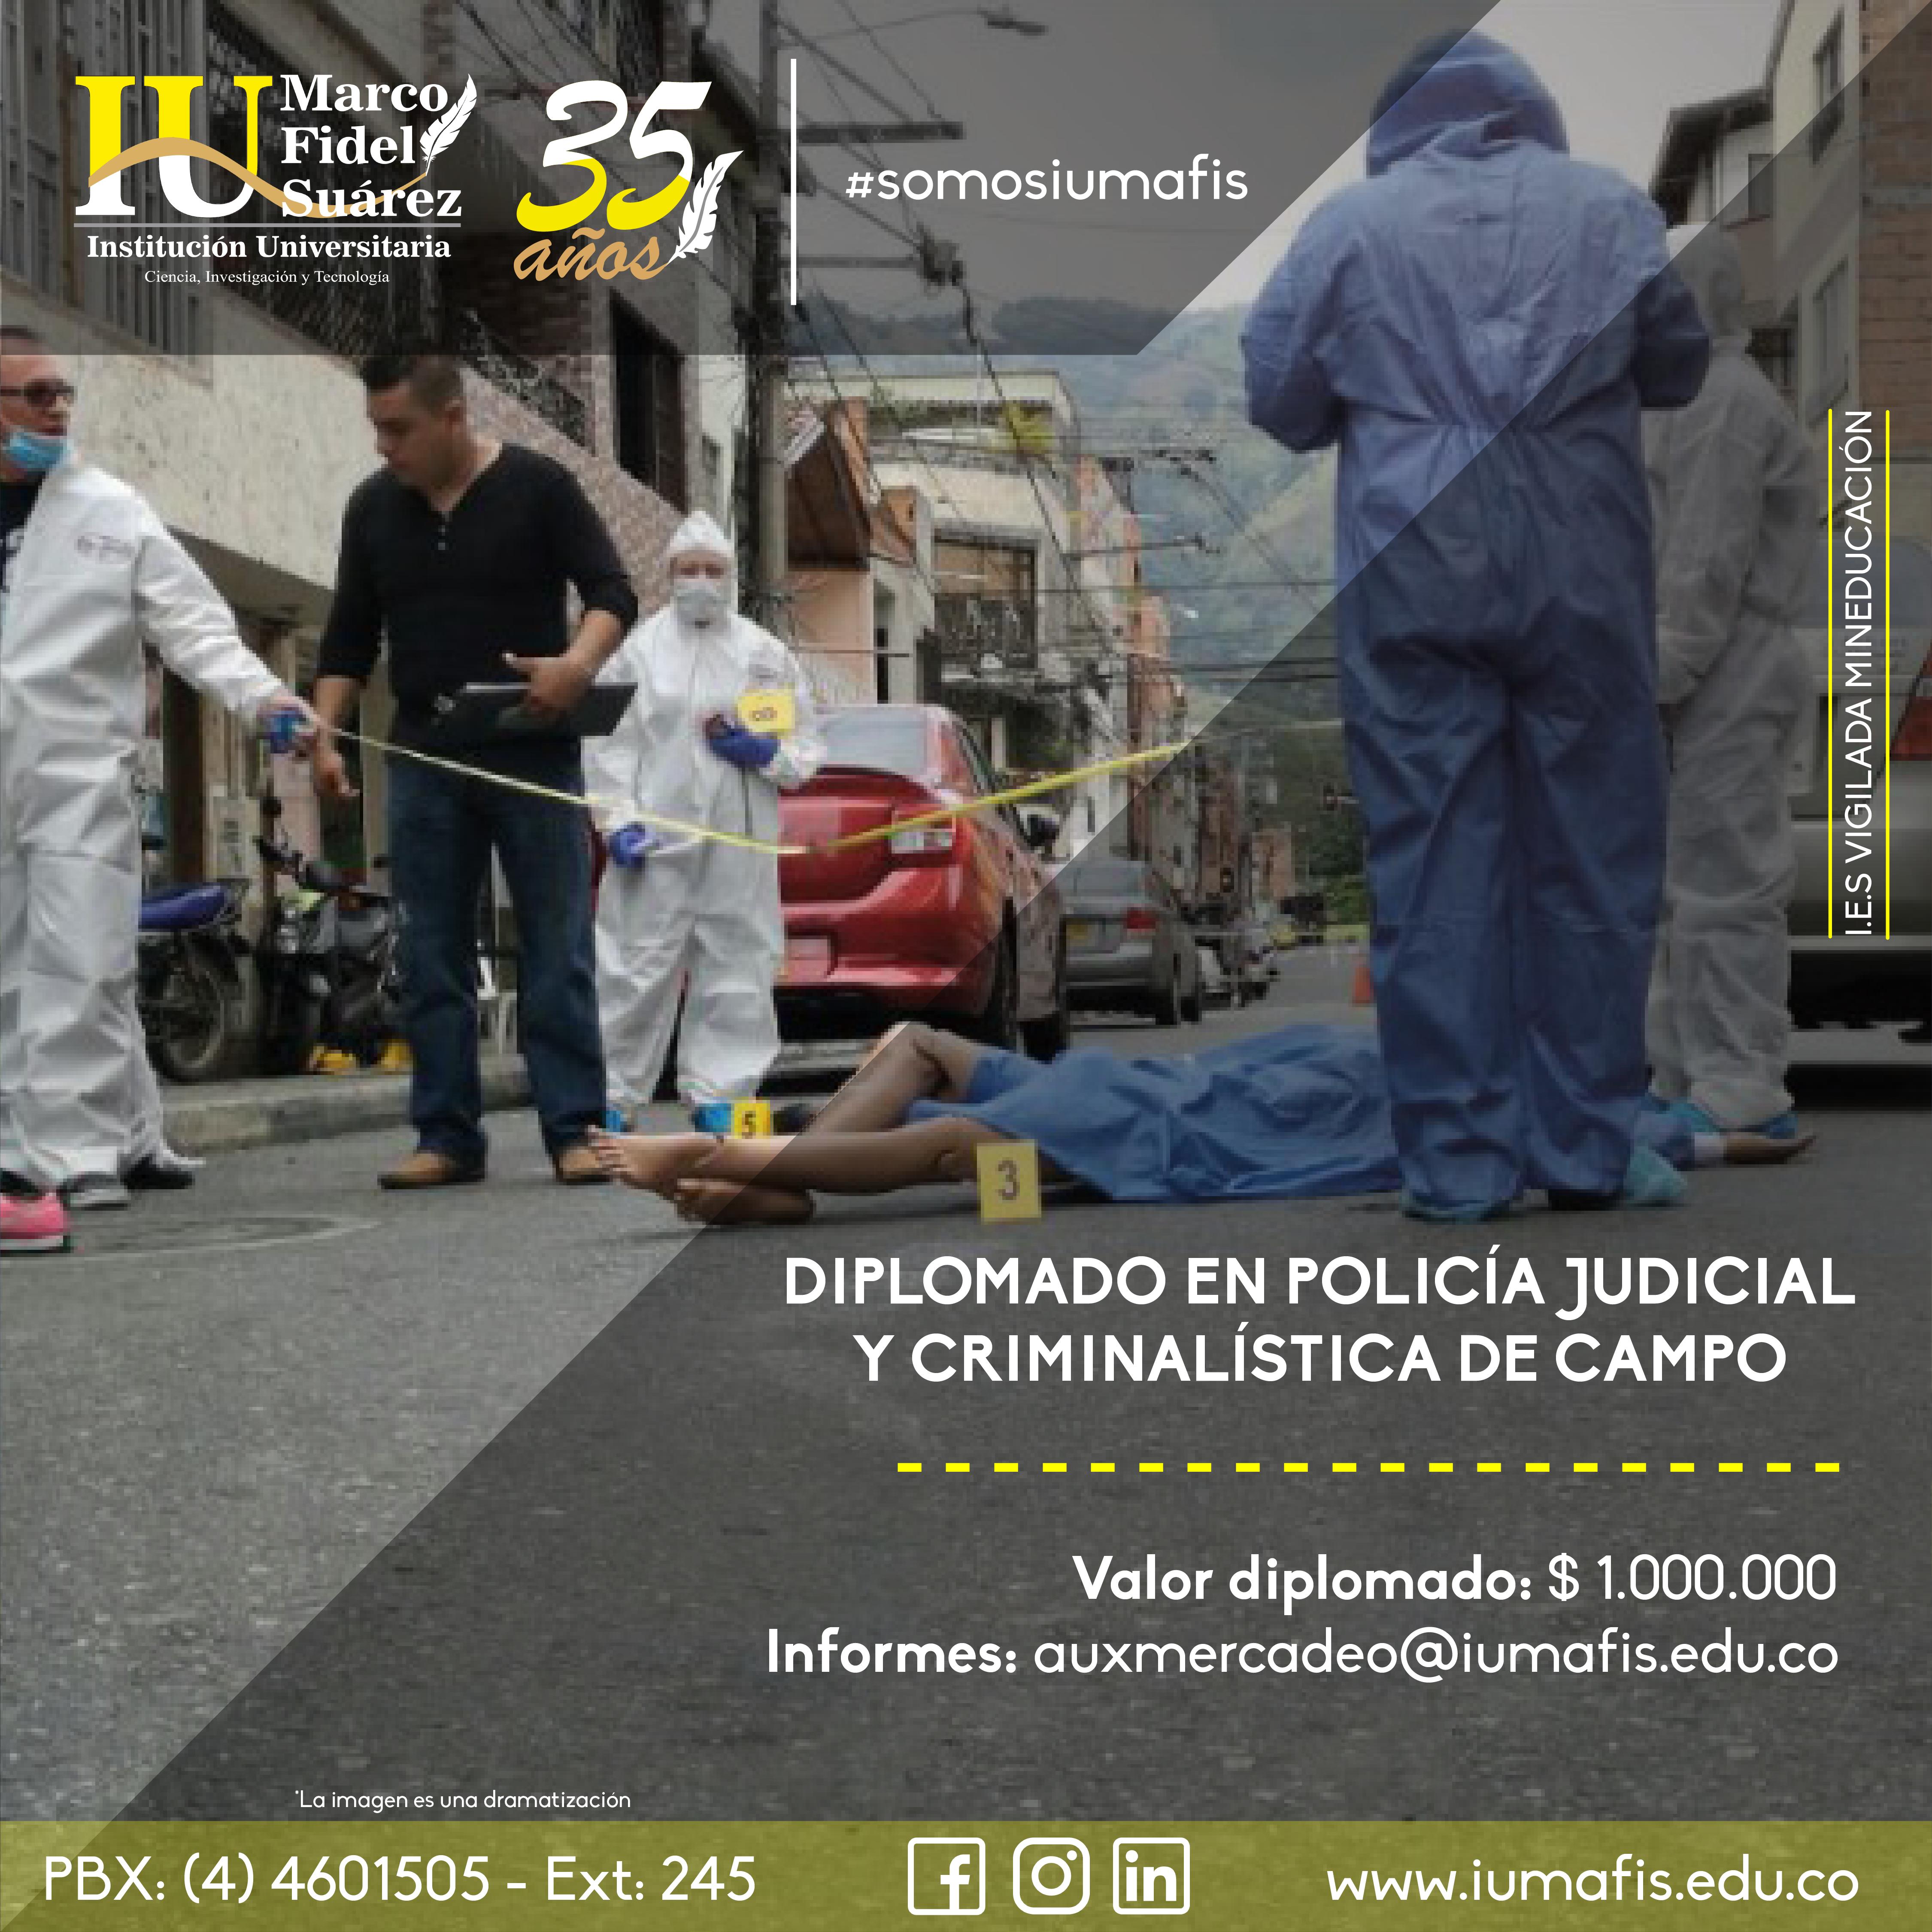 Diplomado en Policía Judicial y Criminalística de Campo